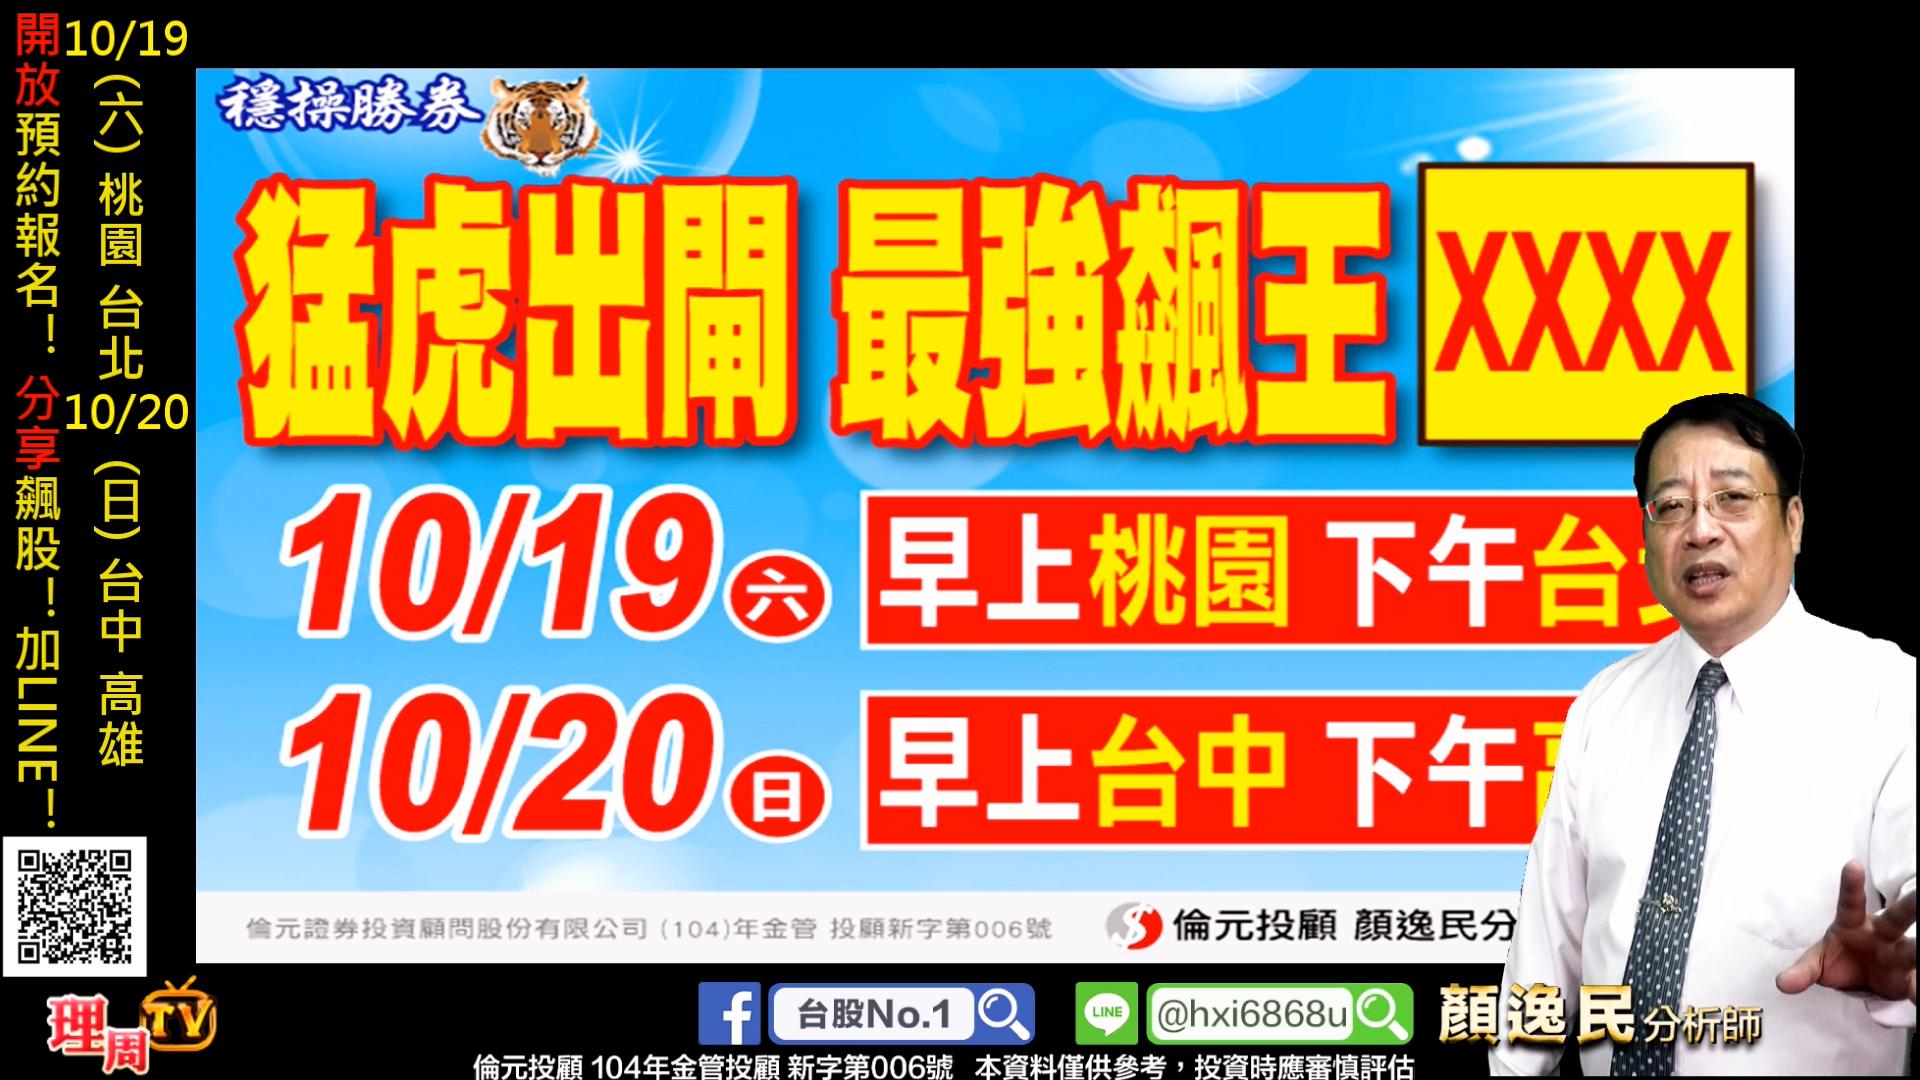 10/19(六) 桃園 台北 10/20(日) 台中 高雄 開放預約報名!分享飆股!加LINE!